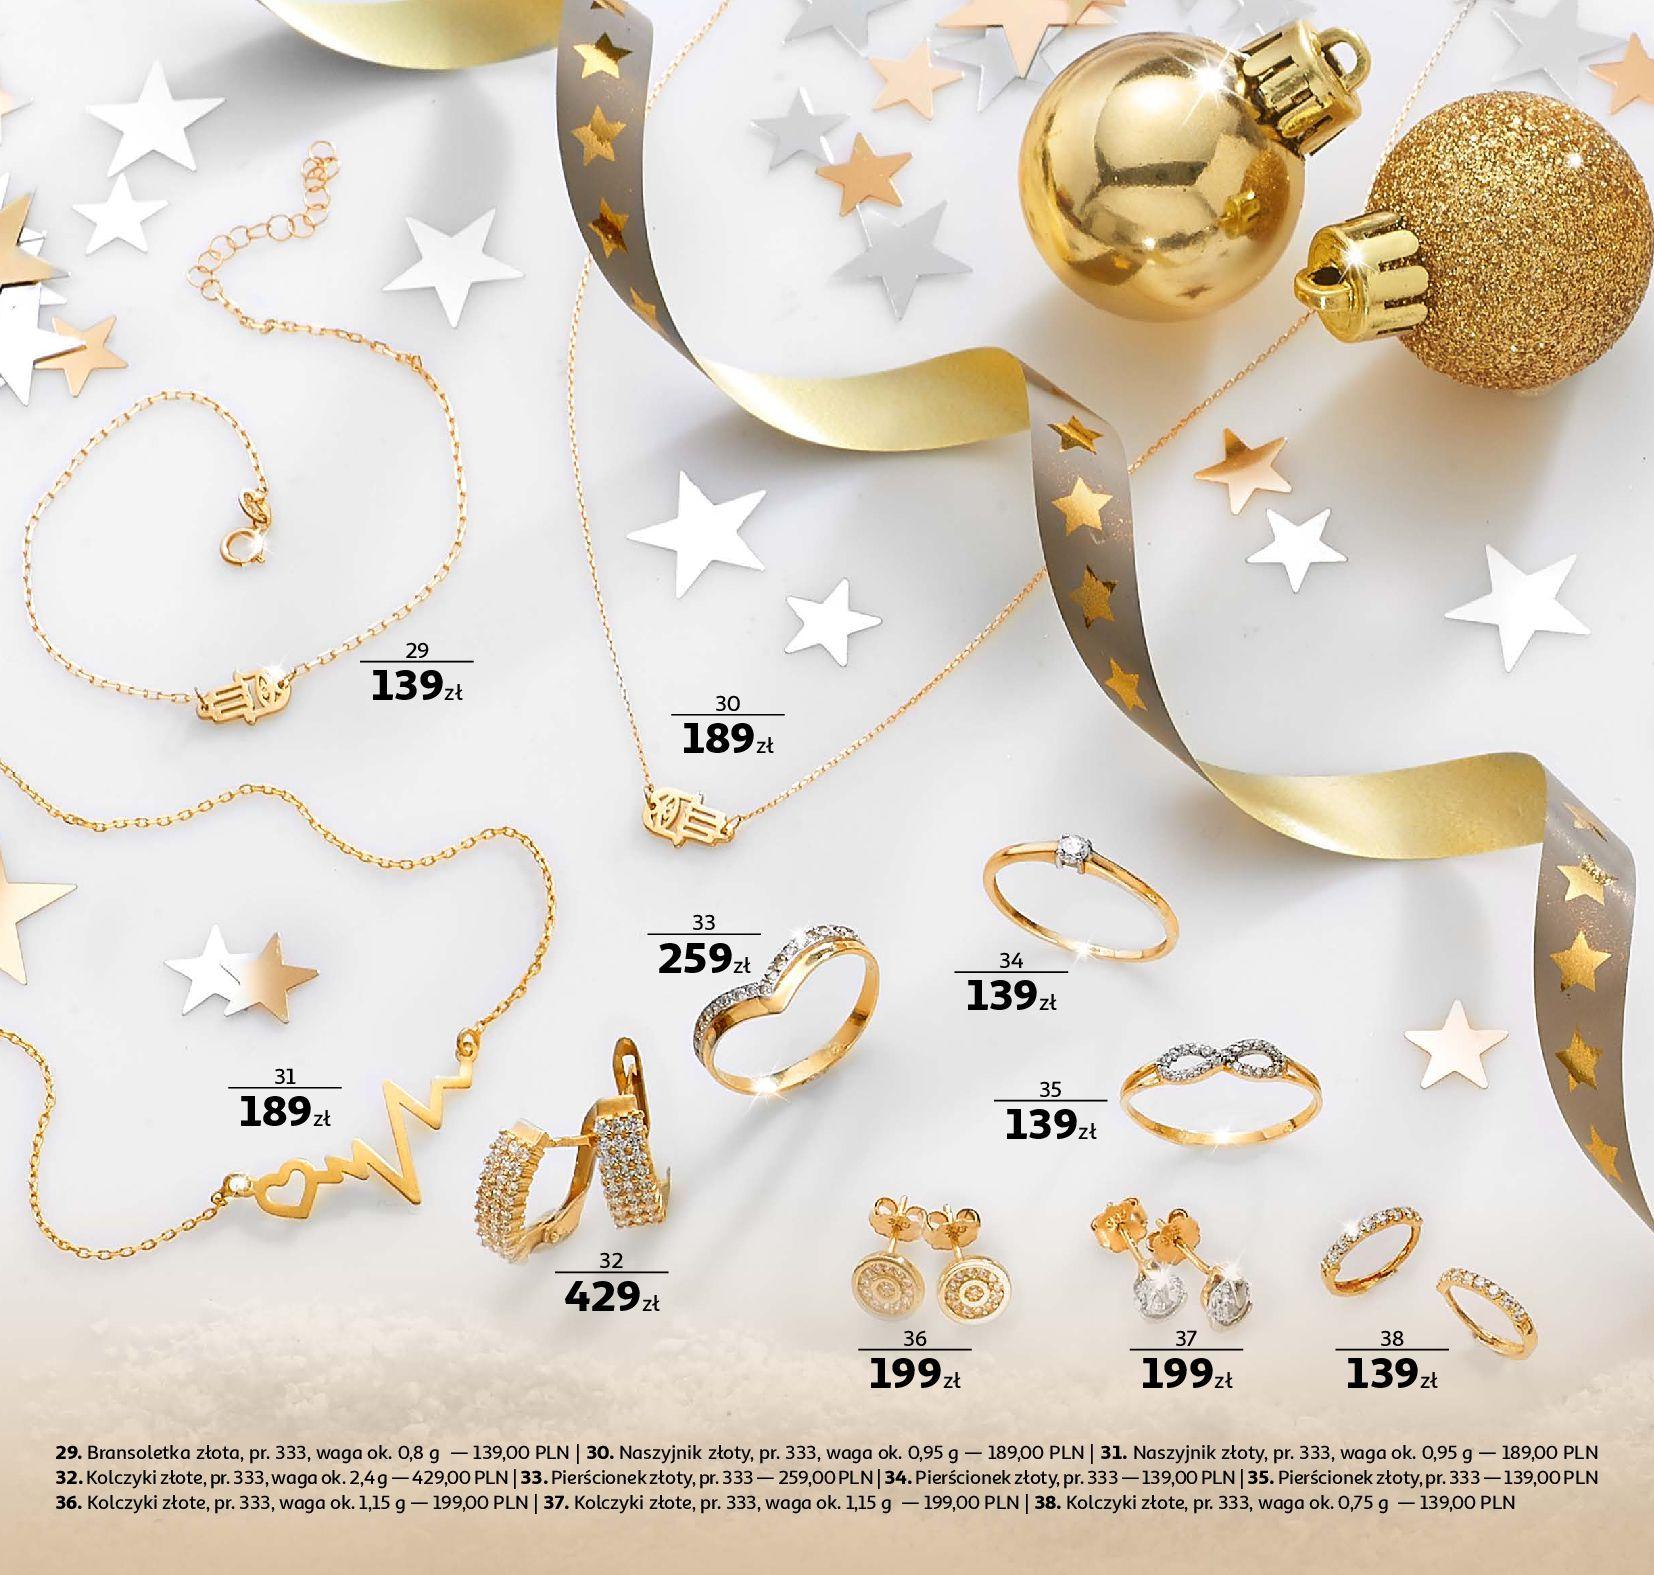 Gazetka Auchan - Biżuteria-19.11.2019-31.12.2019-page-4